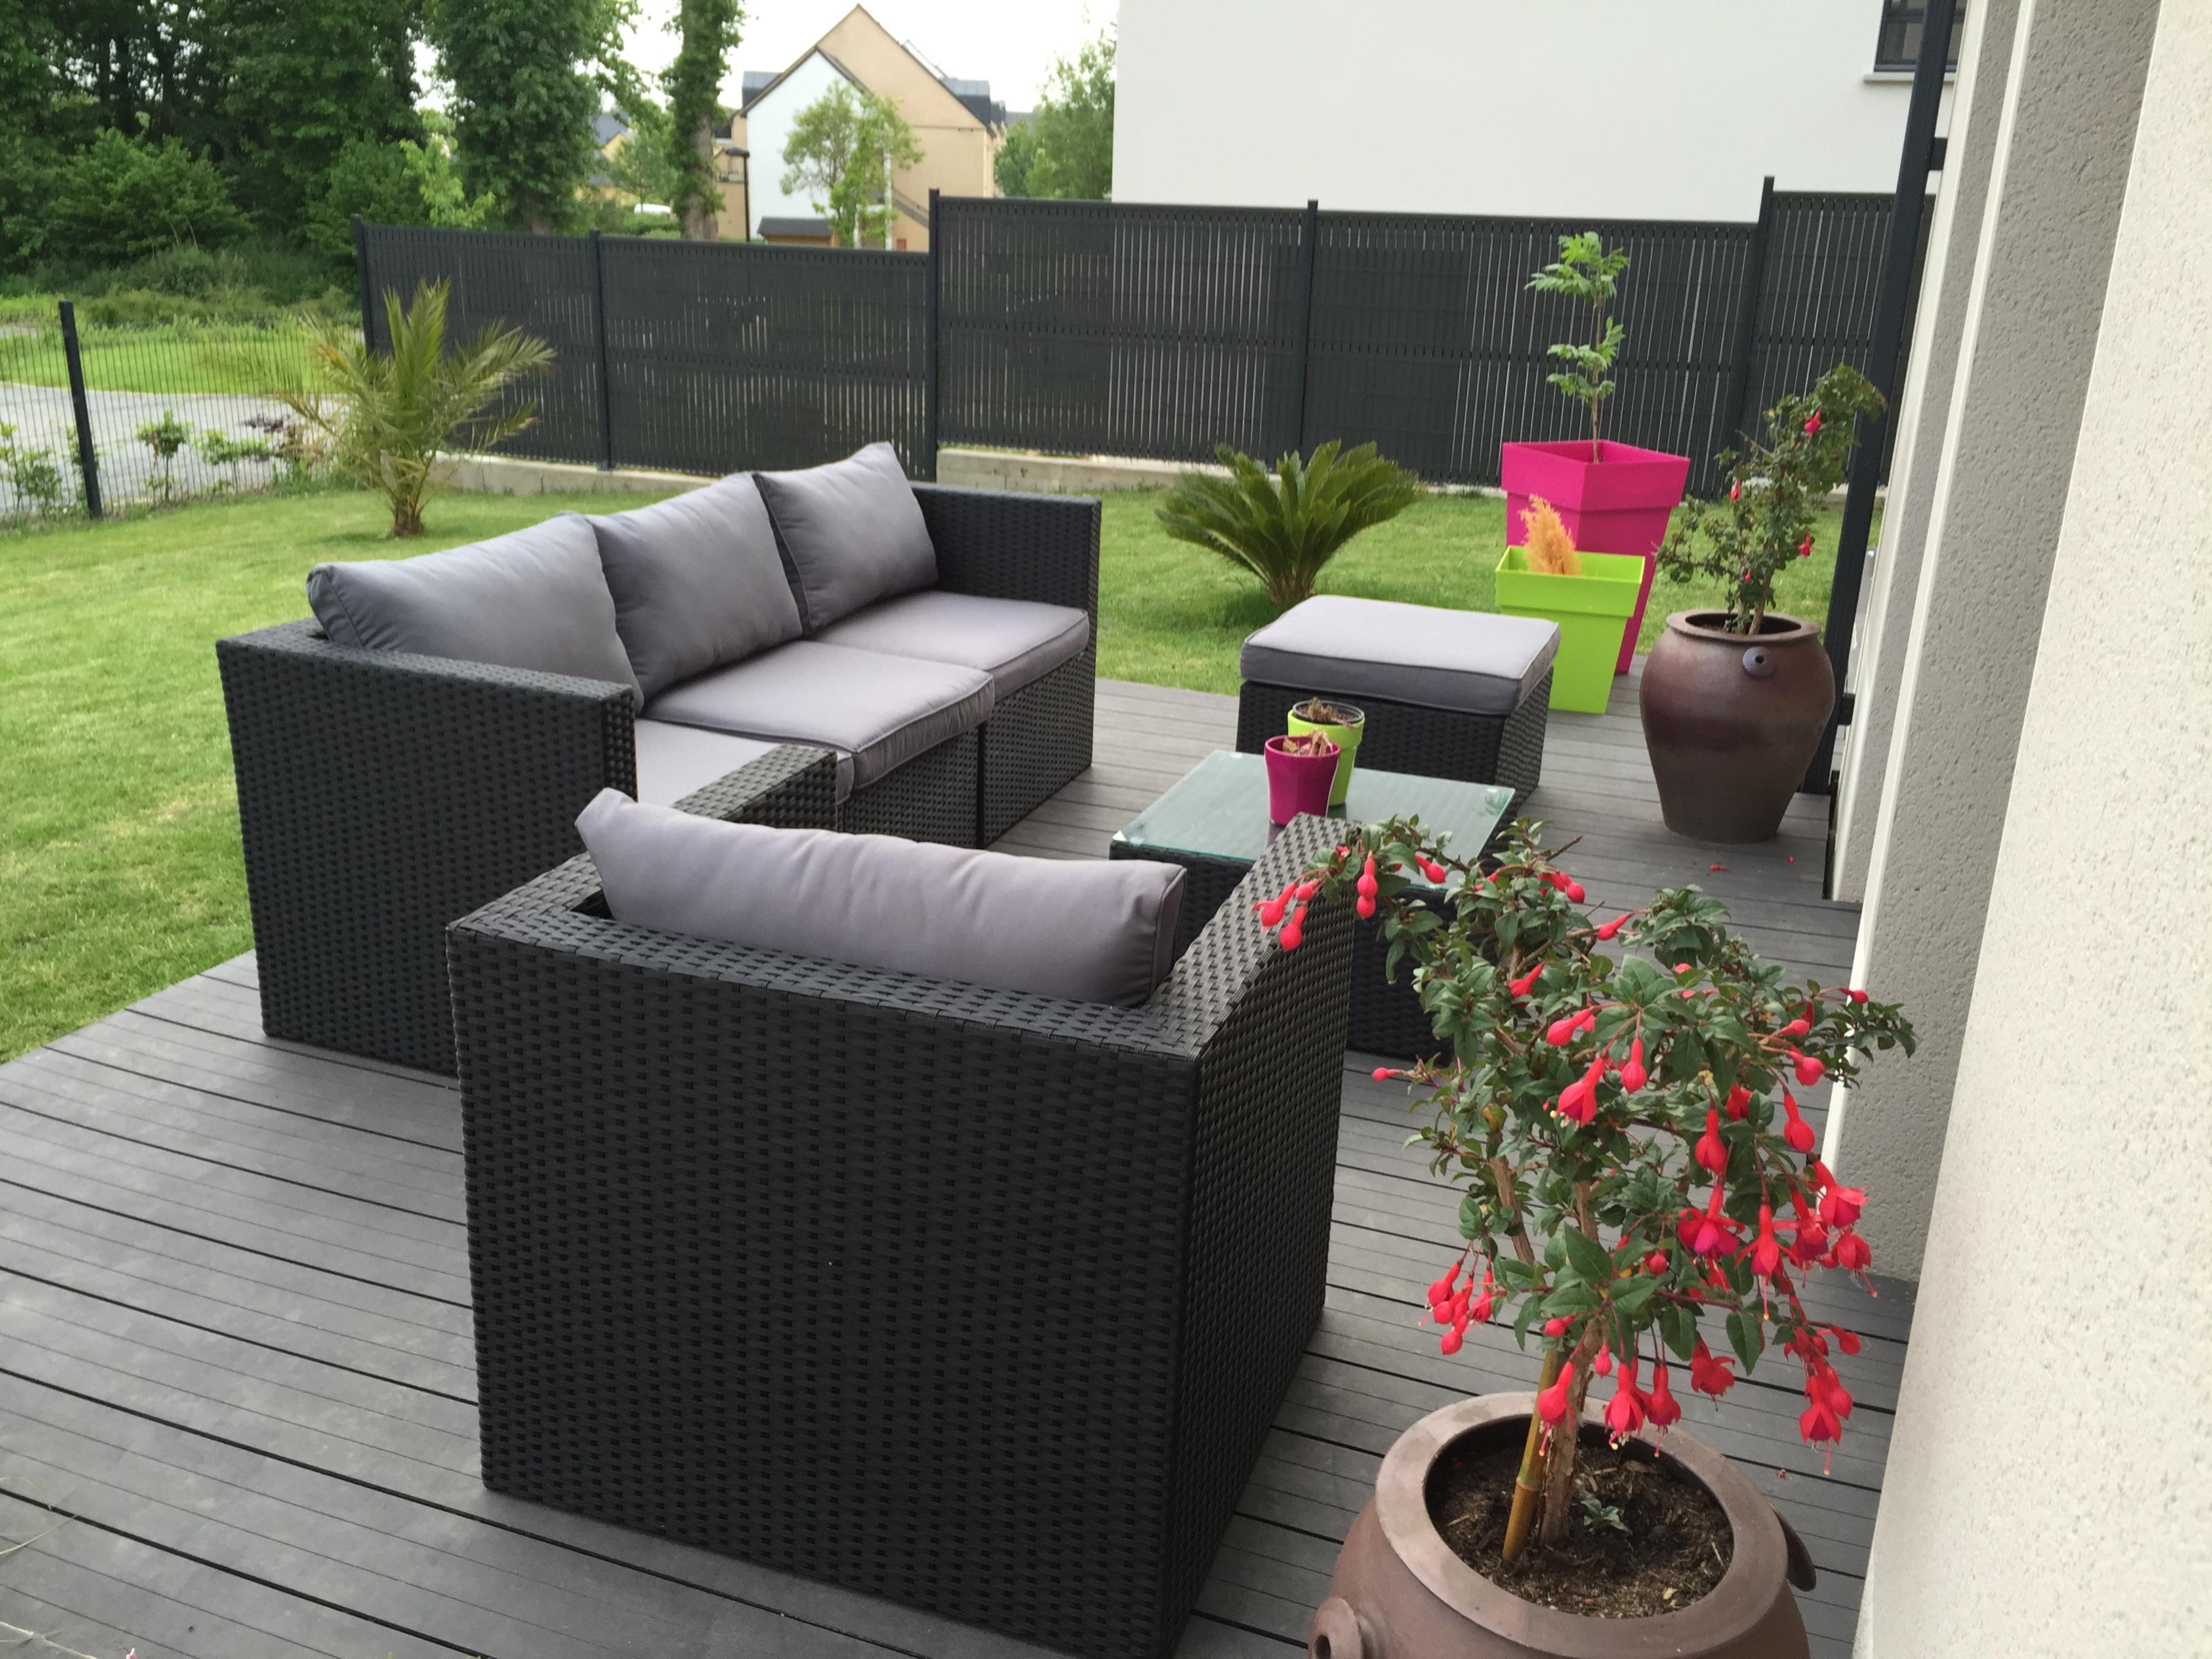 Usine discount salon de jardin - Mailleraye.fr jardin